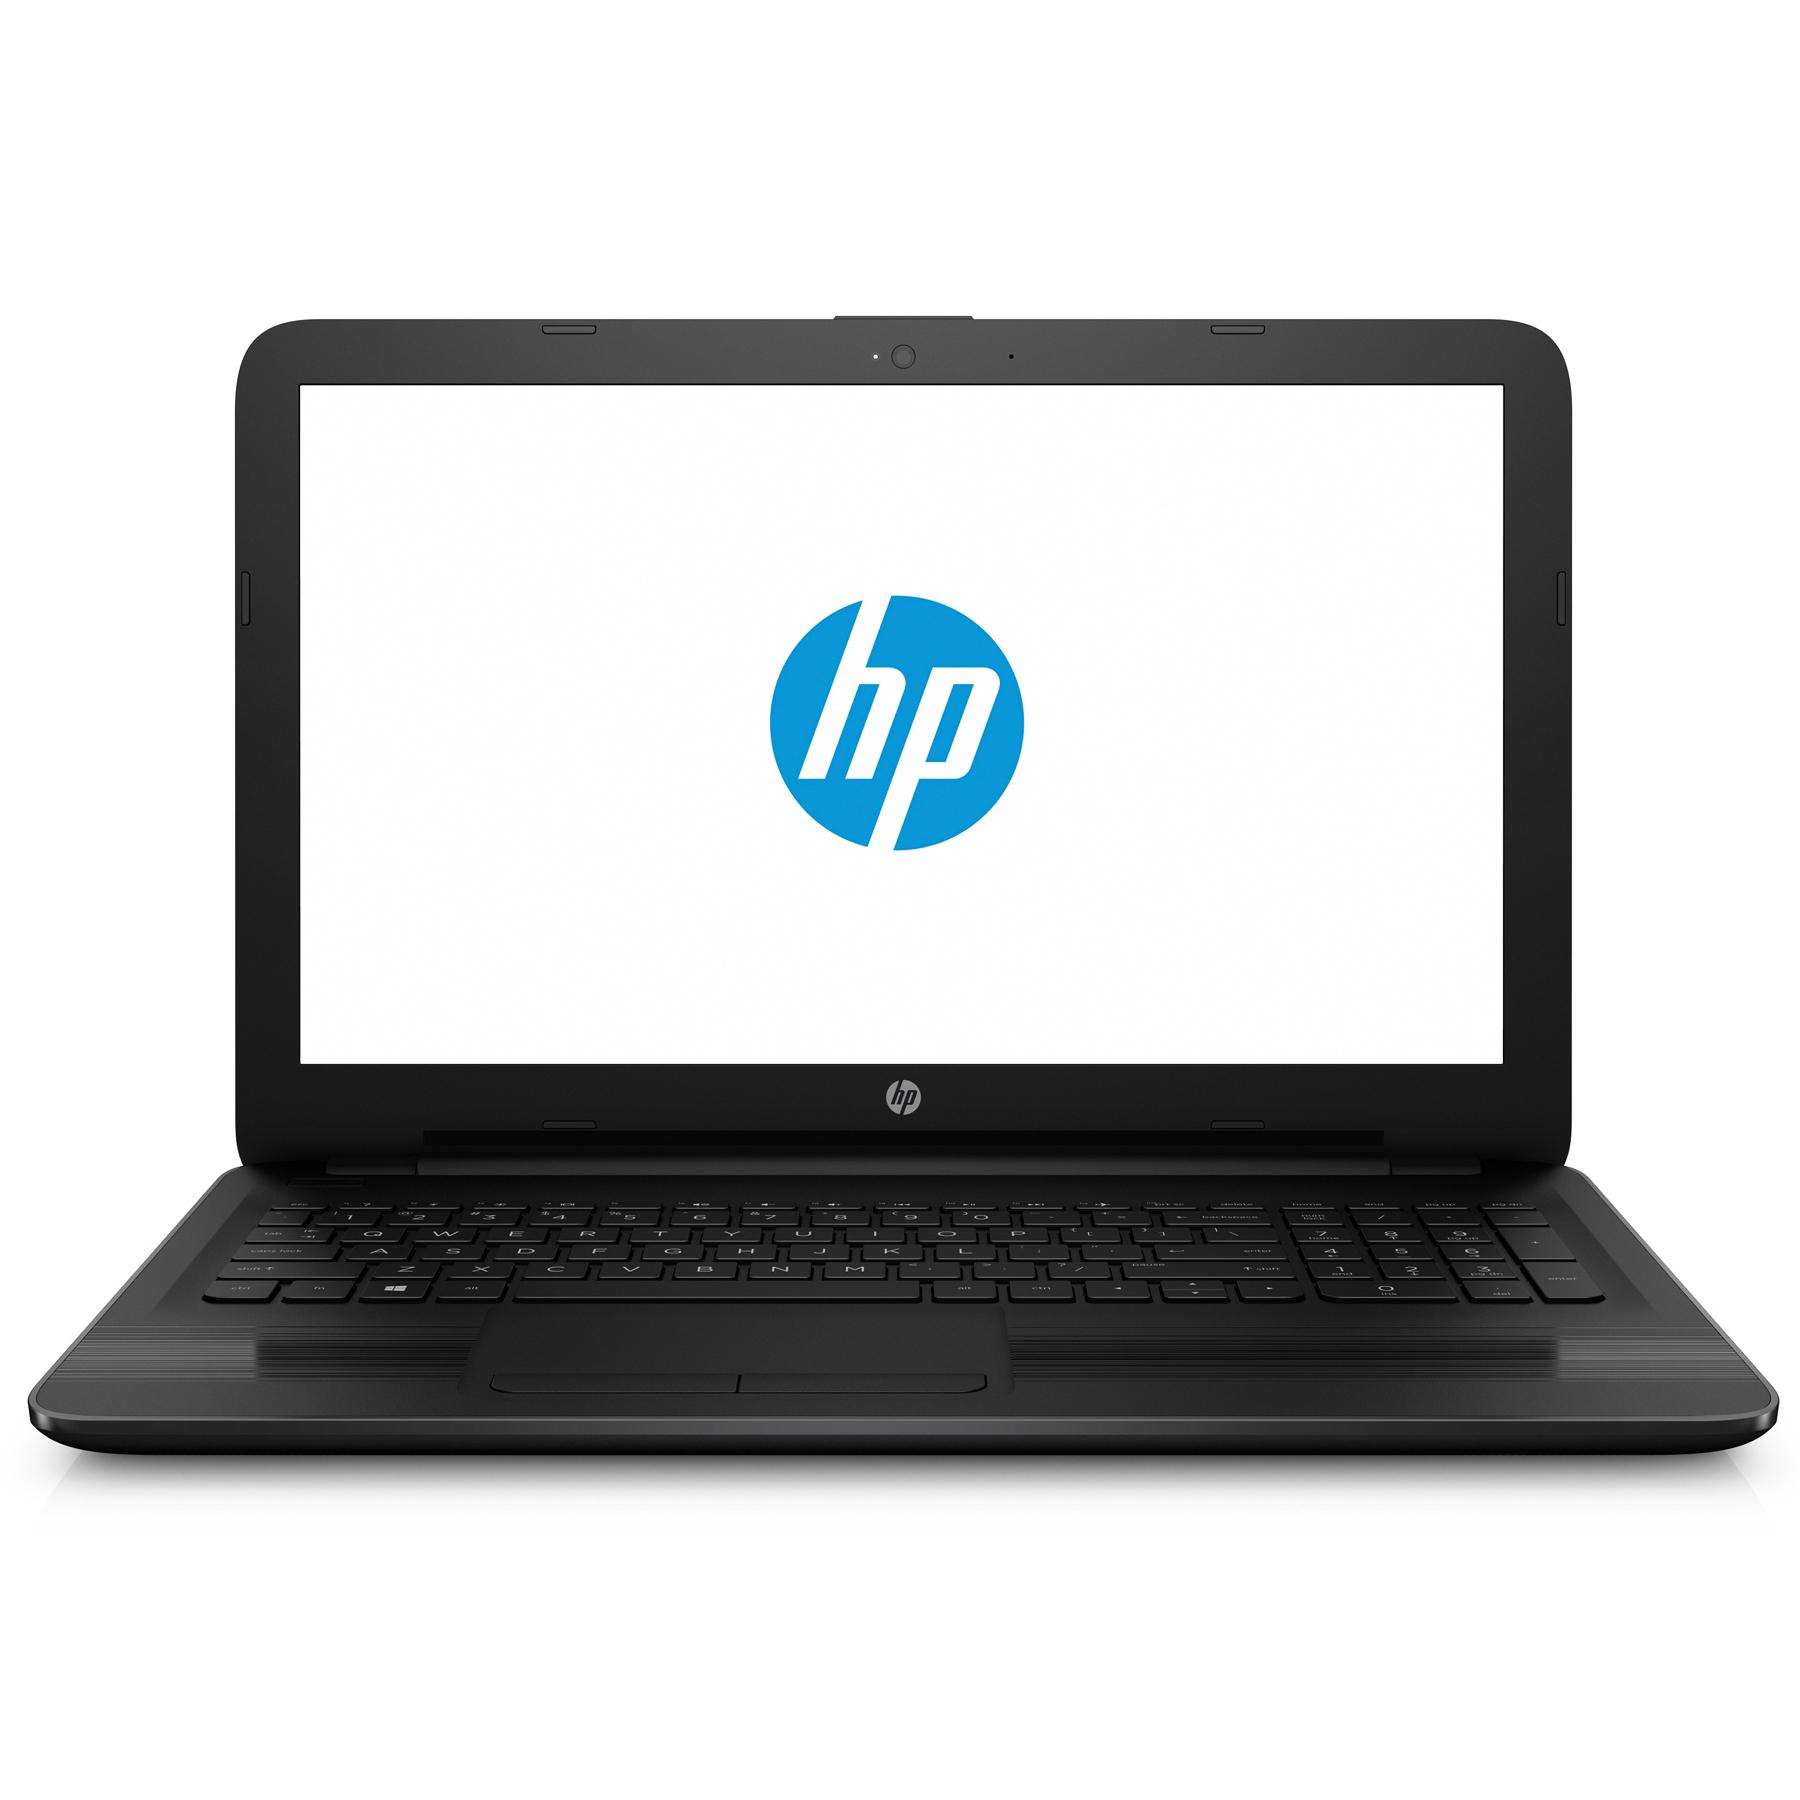 HP 15-ba077ng Notebook Drivers Download